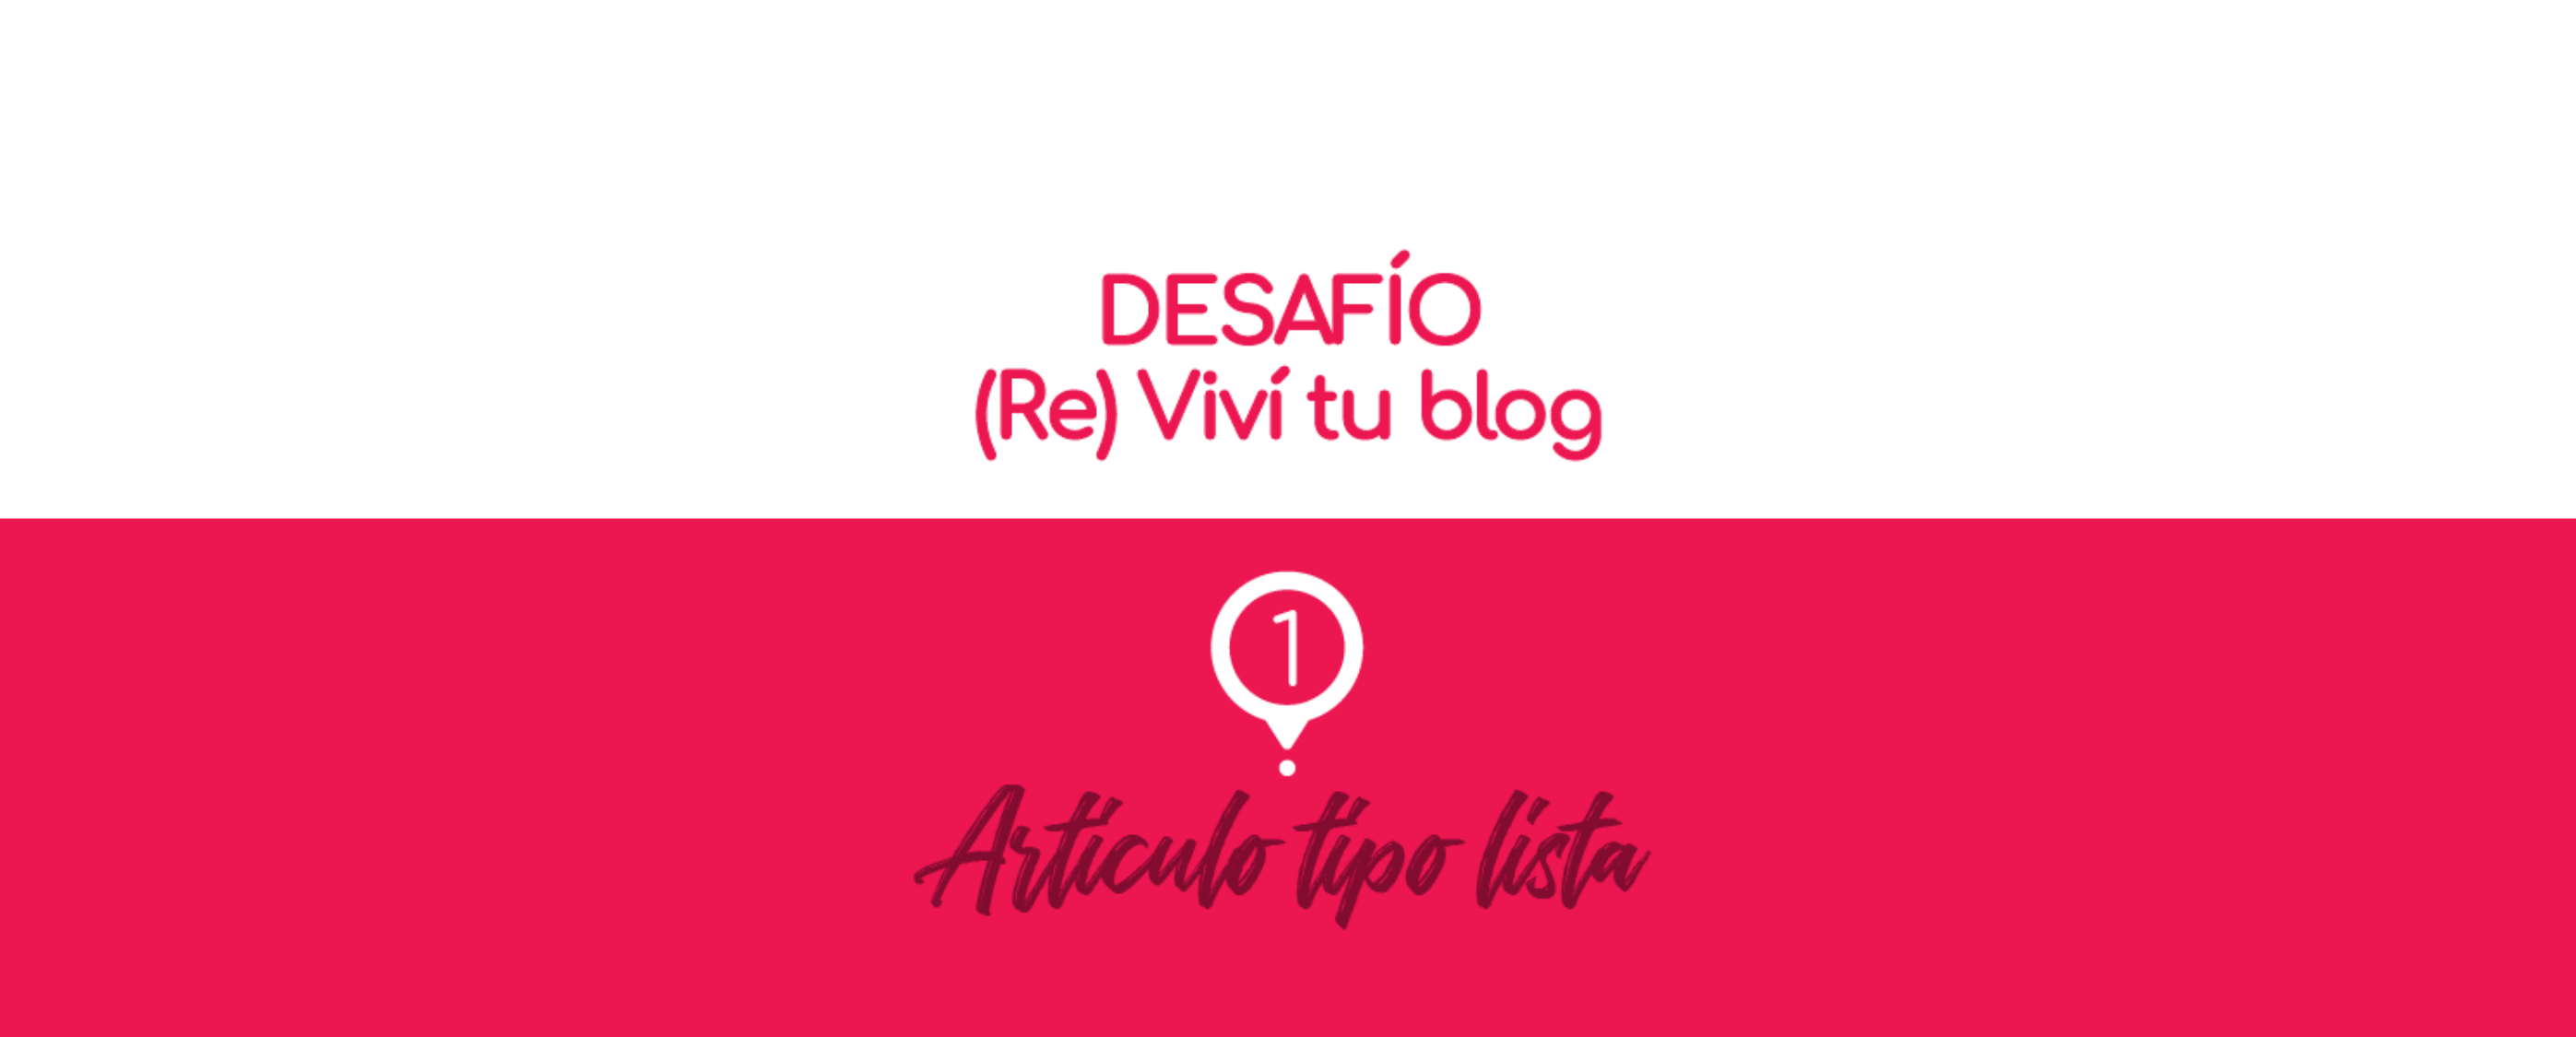 – 1 – (Re) Viví tu blog: artículo tipo lista.